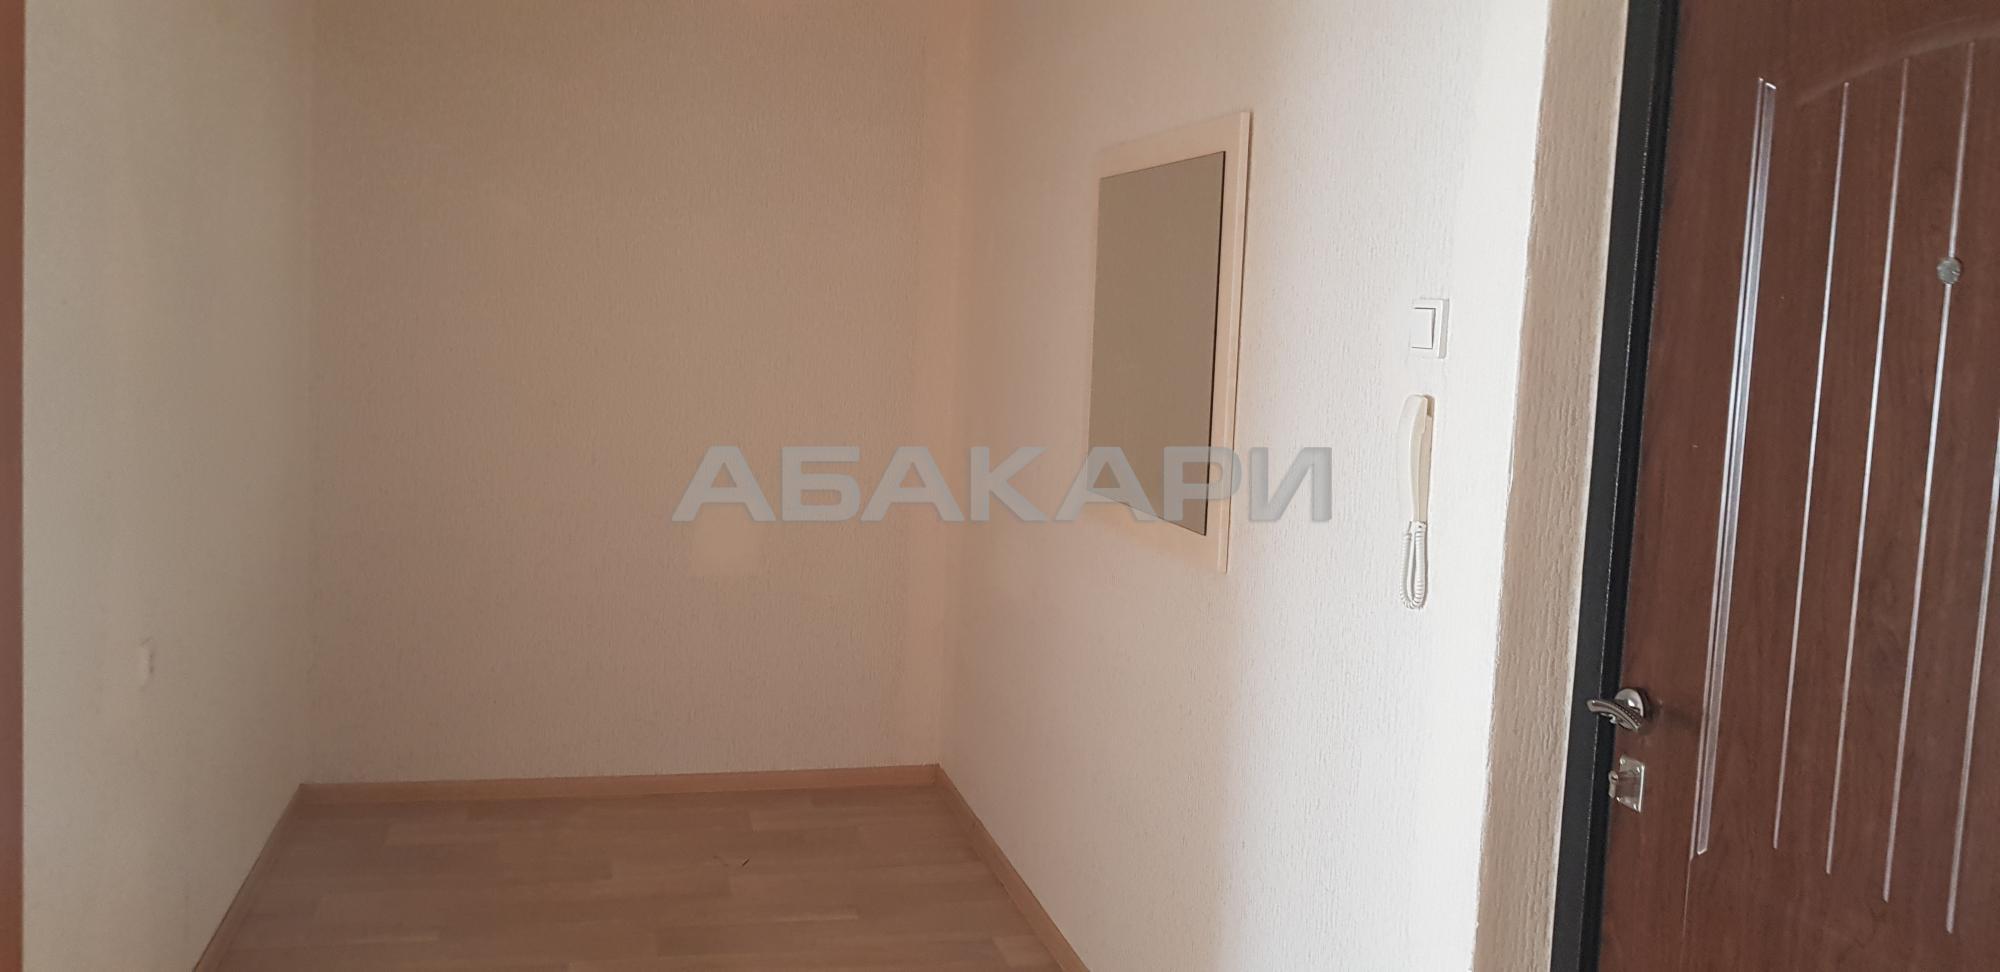 1к квартира Красноярск   15000   аренда в Красноярске фото 2